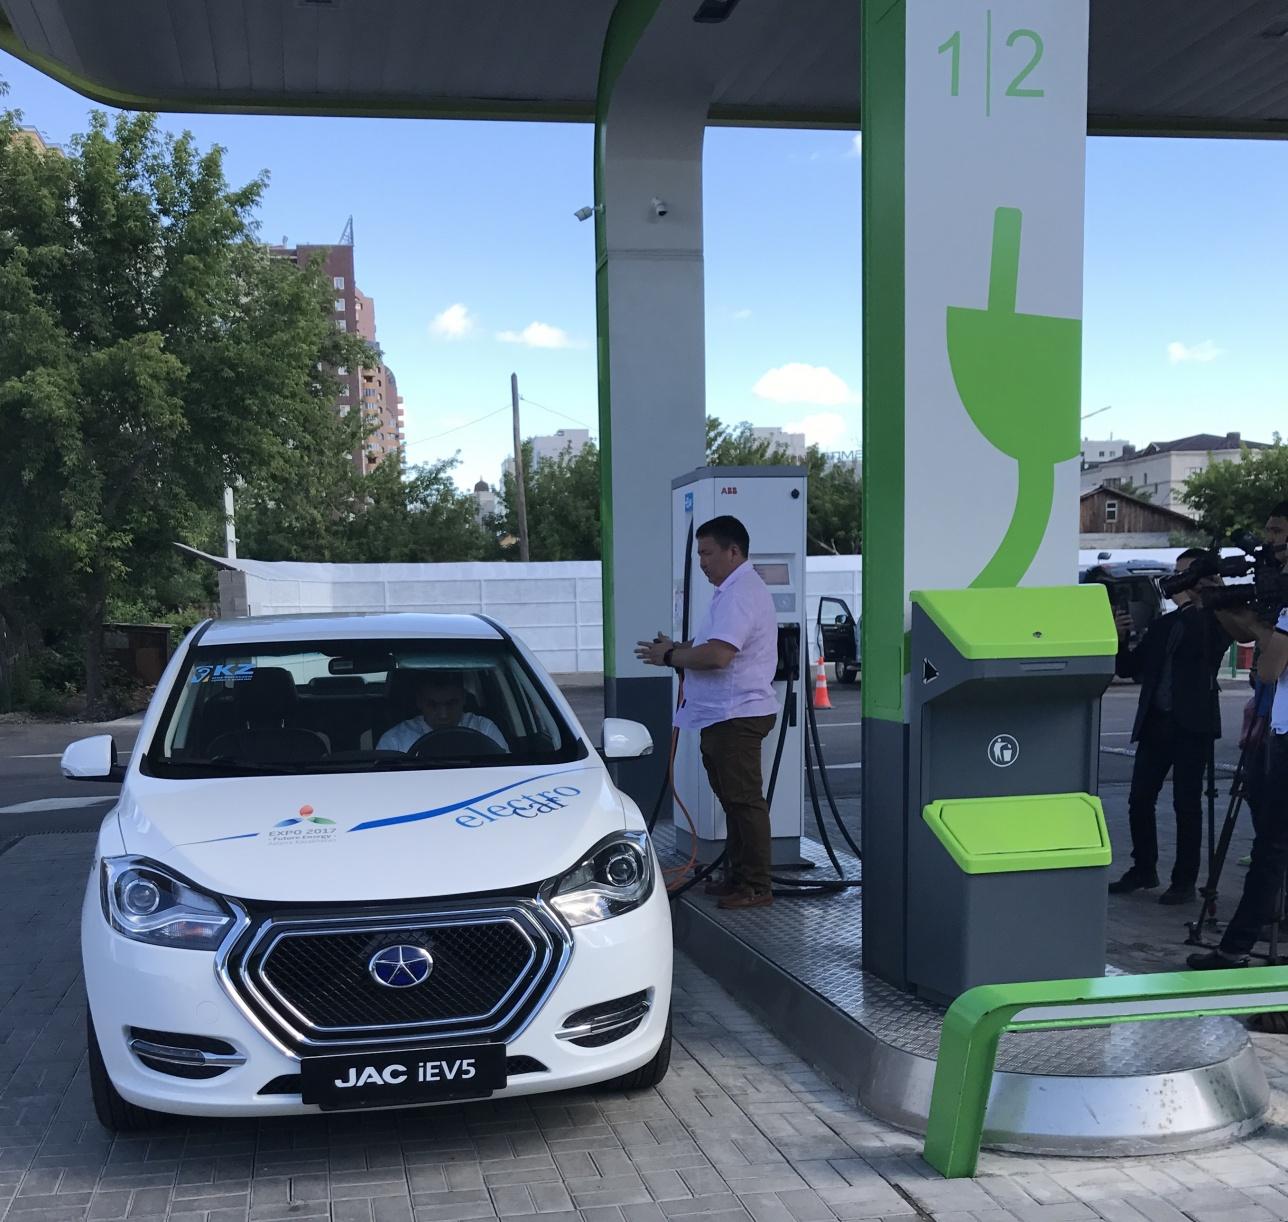 Первая станция для зарядки электромобилей появилась в Астане